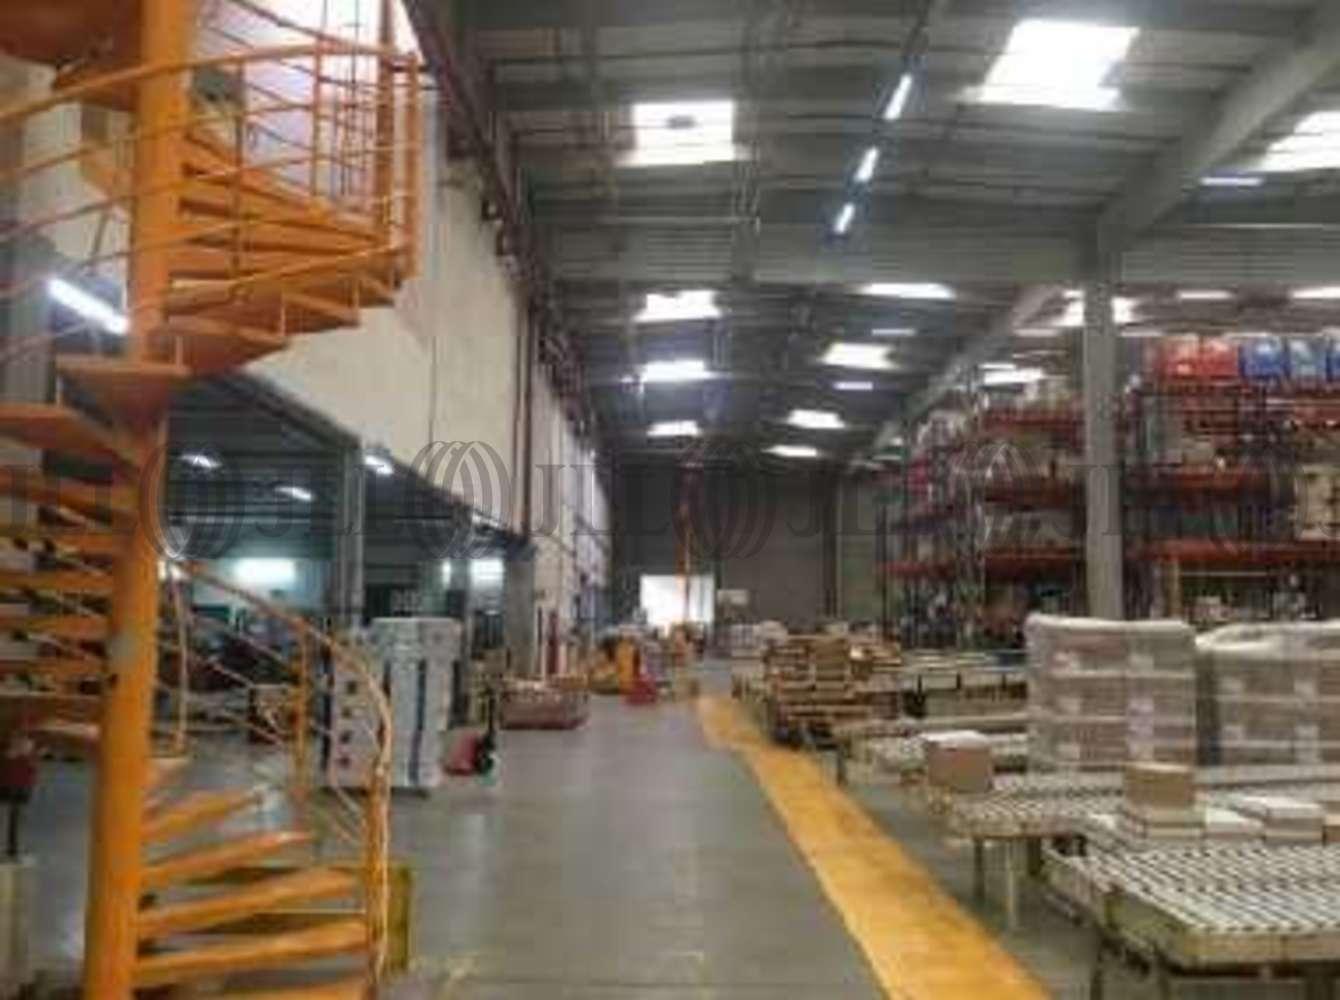 Plateformes logistiques Compans, 77290 - 5 RUE LOUIS BLERIOT - 9513530